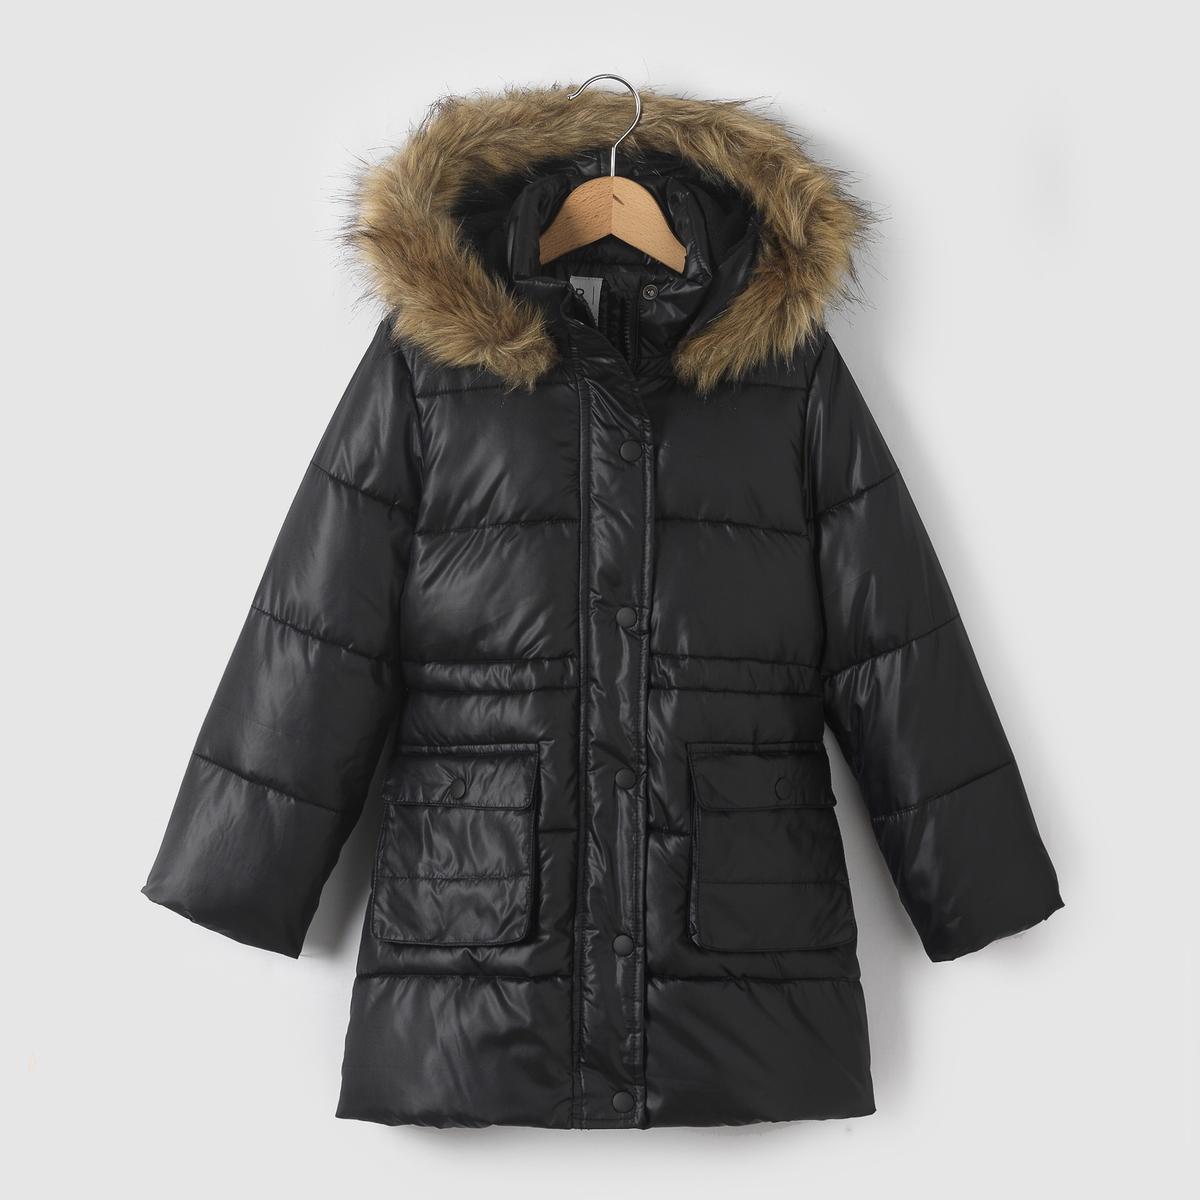 Стеганая куртка с капюшоном 3-12 летСтеганая куртка с капюшоном, на ватине и флисовой подкладке, с водоотталкивающей пропиткой. Капюшон оторочен искусственным мехом. Супатная застежка на молнию и пуговицы. Внутренняя завязка . 2 кармана спереди.Состав и описание : Материал         100% полиэстера. Искусственный мех 42% акрила, 35% полиэстера, 23% модакрила .Подкладка      100% полиэстер     Наполнитель     100% полиэстер Марка         R essentiel  Уход :Машинная стирка при 30°C с вещами подобных цветов.Стирать и гладить с изнаночной стороны.Машинная сушка в умеренном режиме..Гладить при умеренной температуре.<br><br>Цвет: черный<br>Размер: 3 года - 94 см